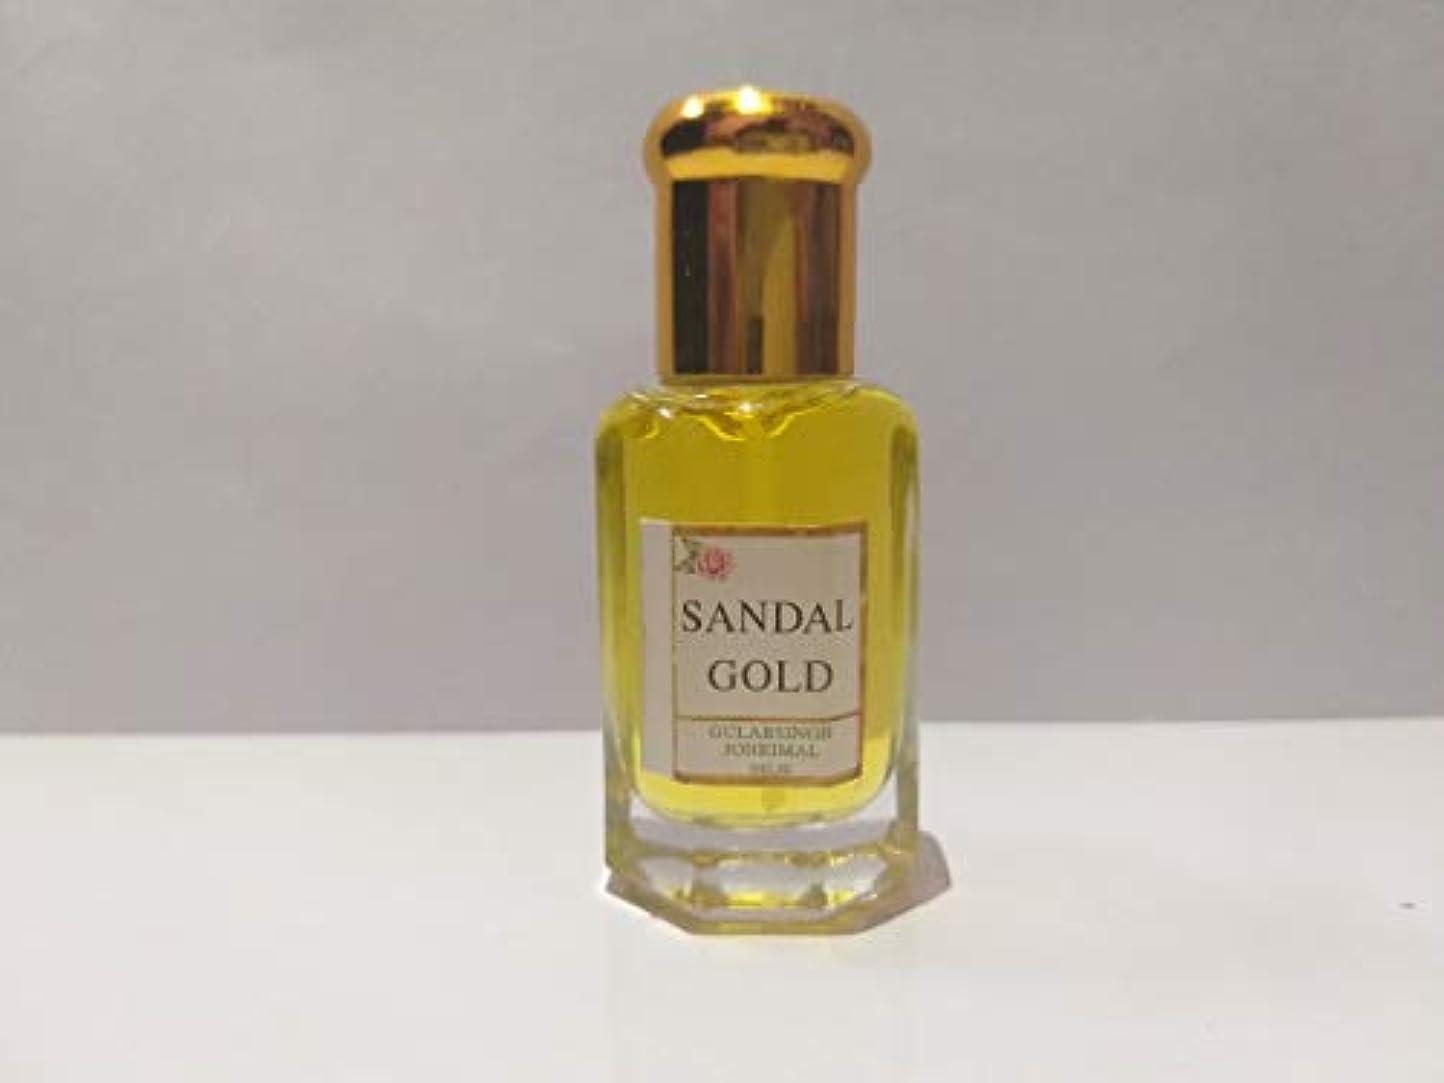 テラス不注意緊張Sandal/白檀 / Chandan Attar/Ittar concentrated Perfume Oil - 10ml Beautiful Aroma